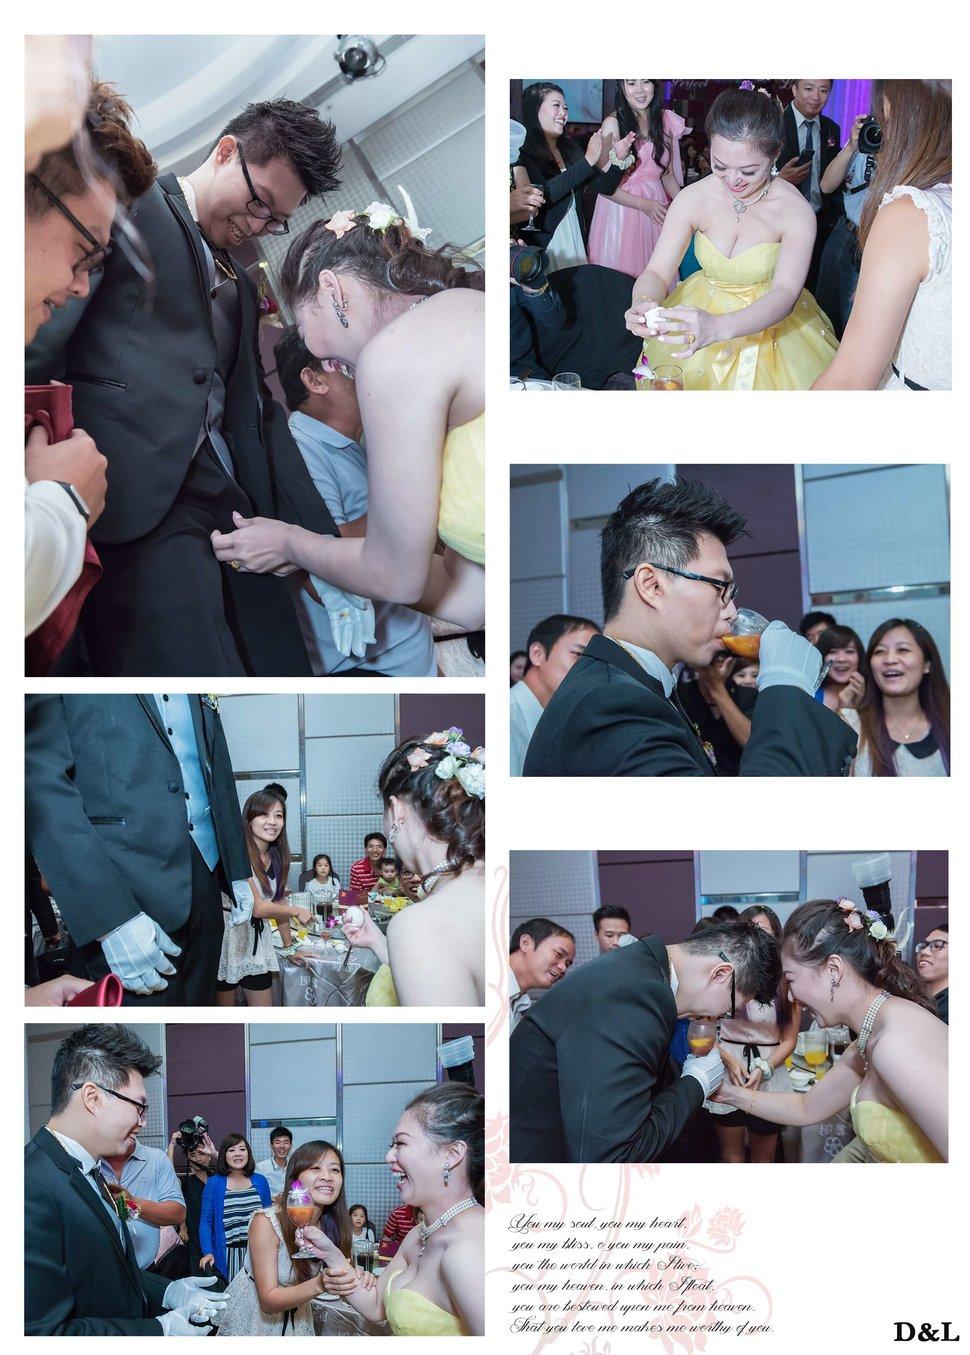 台中婚攝 婚禮紀錄 顥天&美彣 菊園婚宴會館(編號:253207) - D&L 婚禮事務-婚紗攝影/婚禮記錄 - 結婚吧